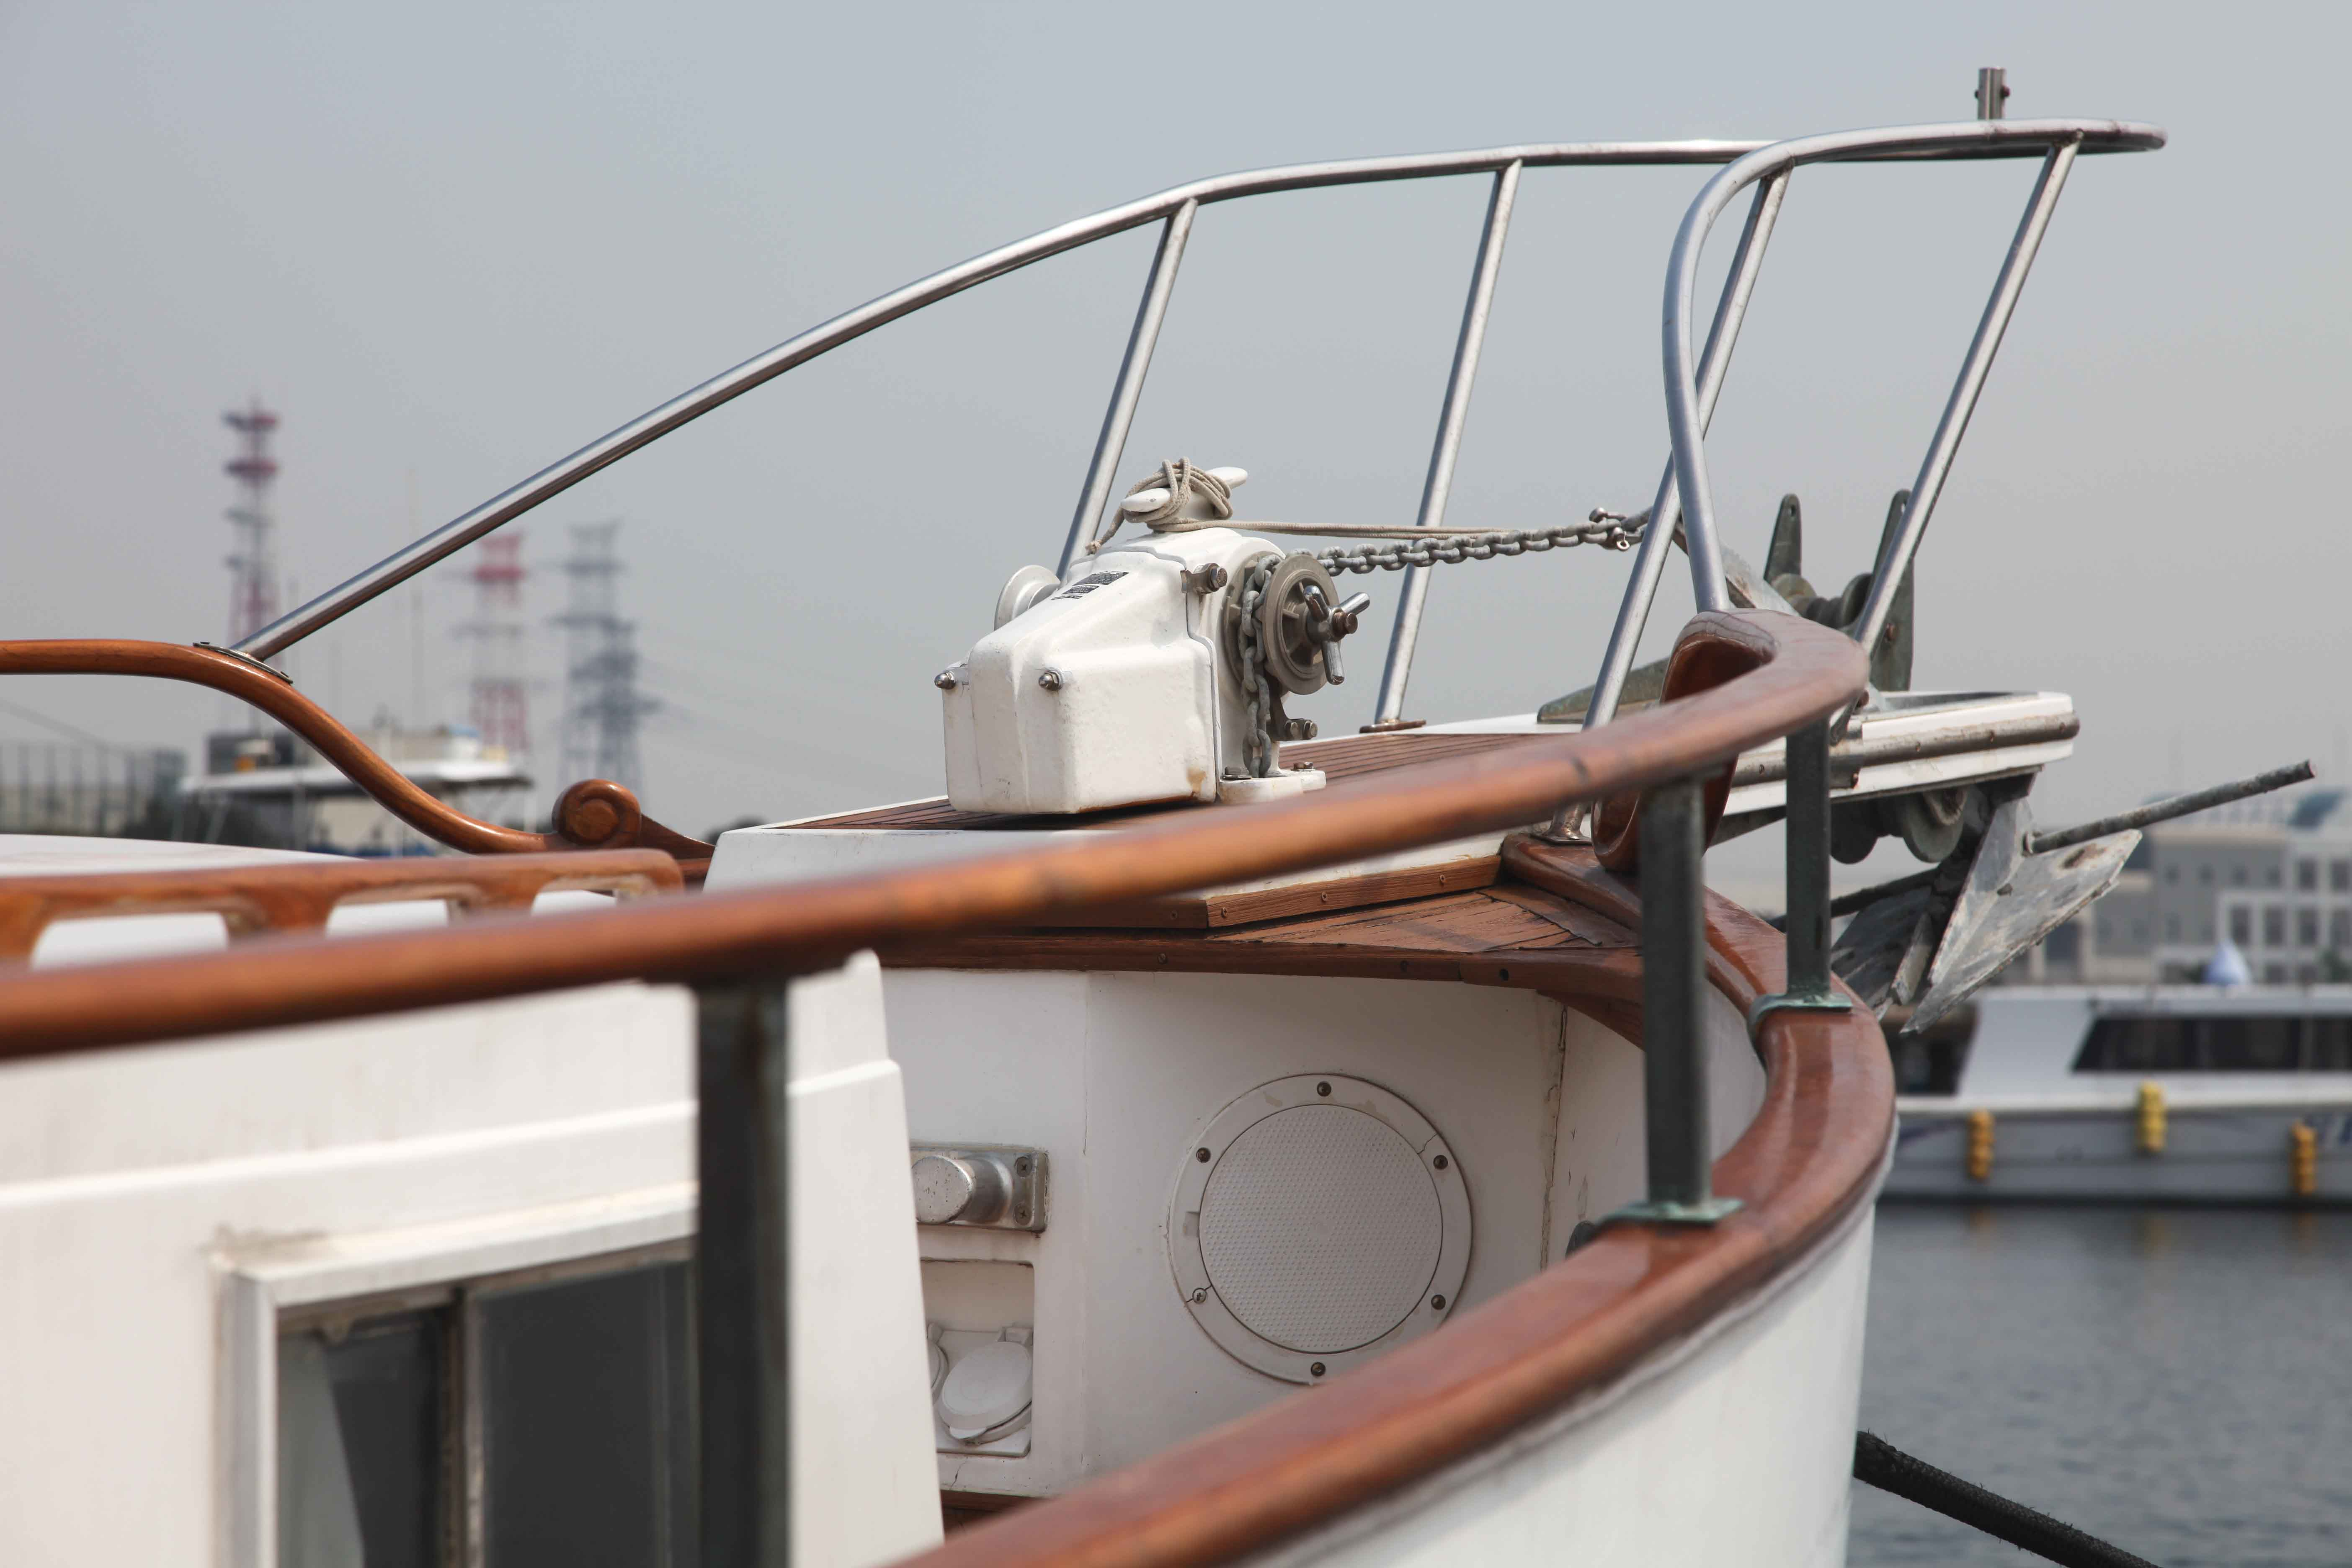 クルーザーの船首